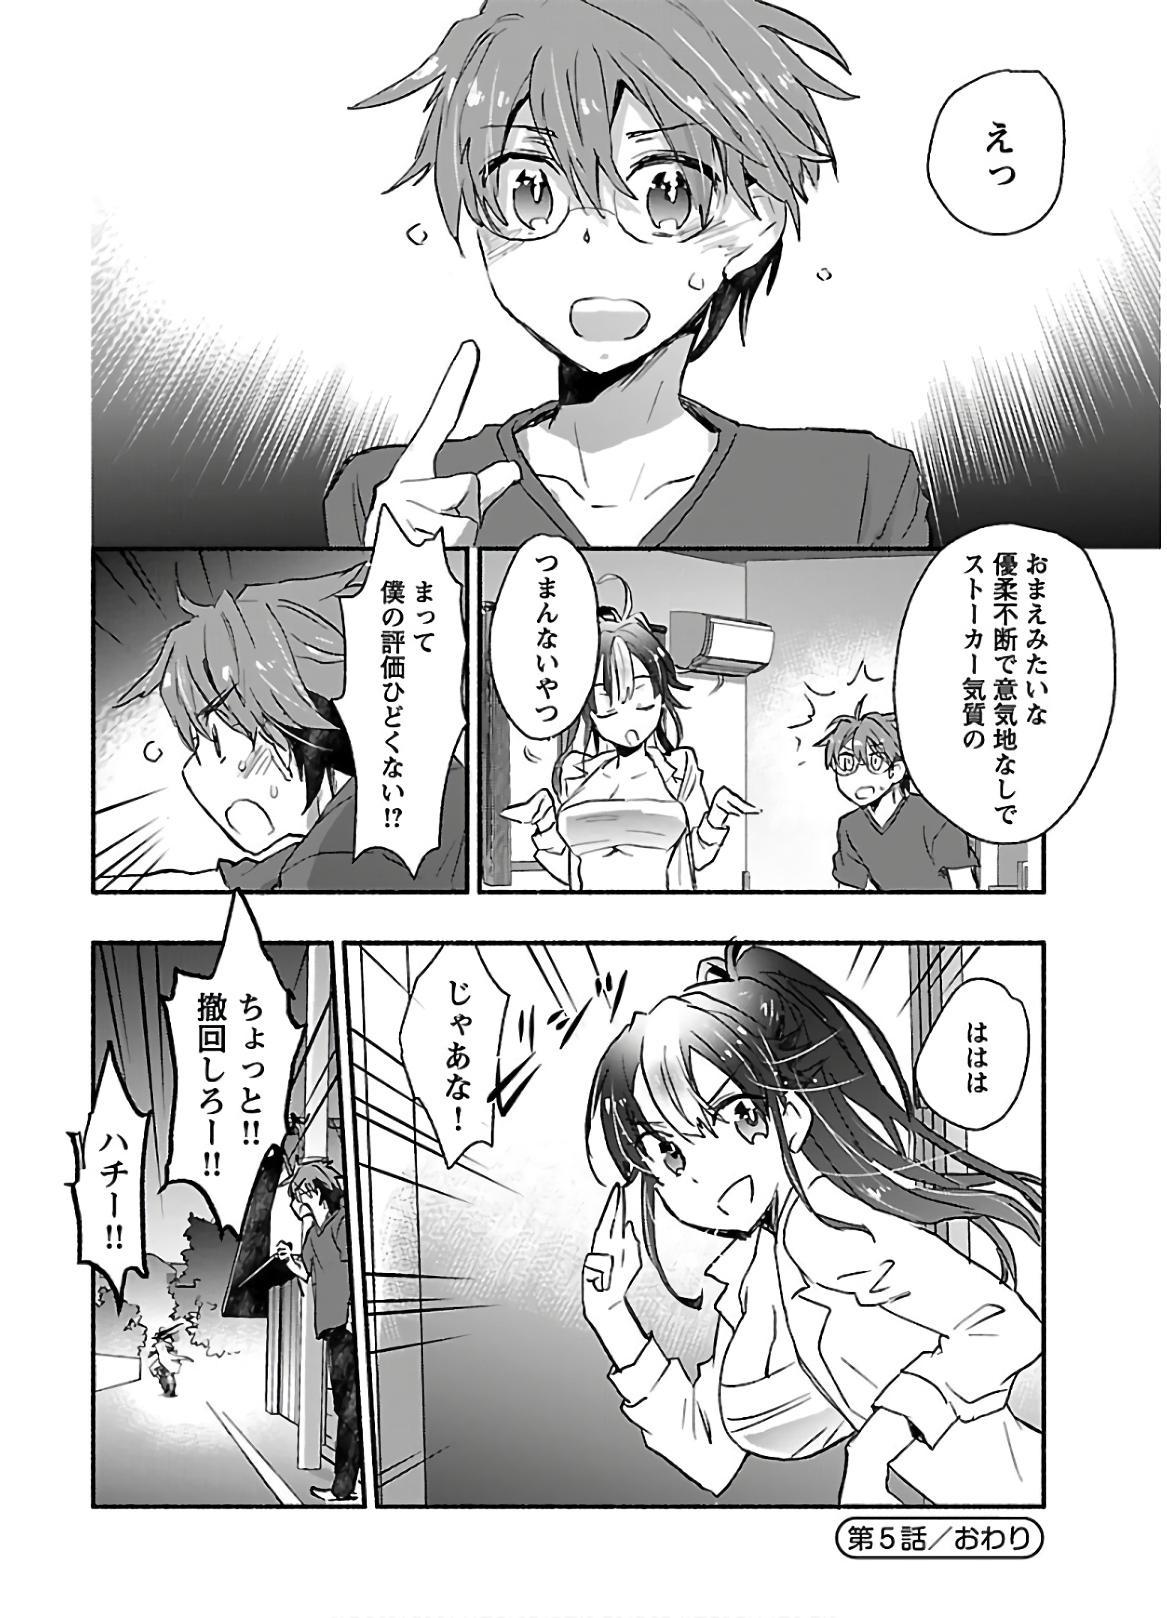 Yankii musume ni natsukarete kotoshi mo juken ni shippai shisou desu  vol.1 163